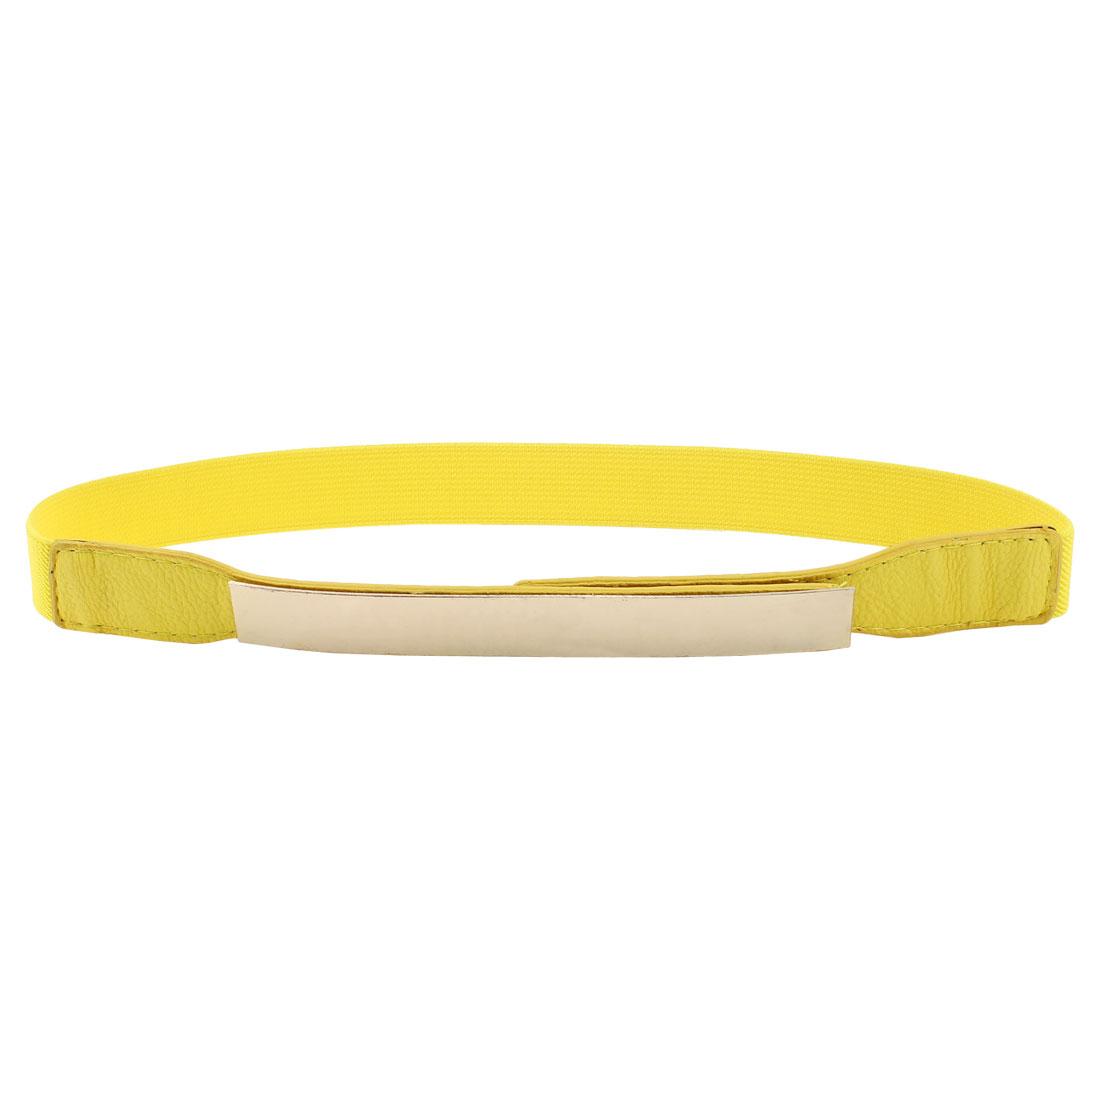 Lady Metal Press Buckle Stretchy Narrow Skinny Cinch Waist Belt Waistband Yellow